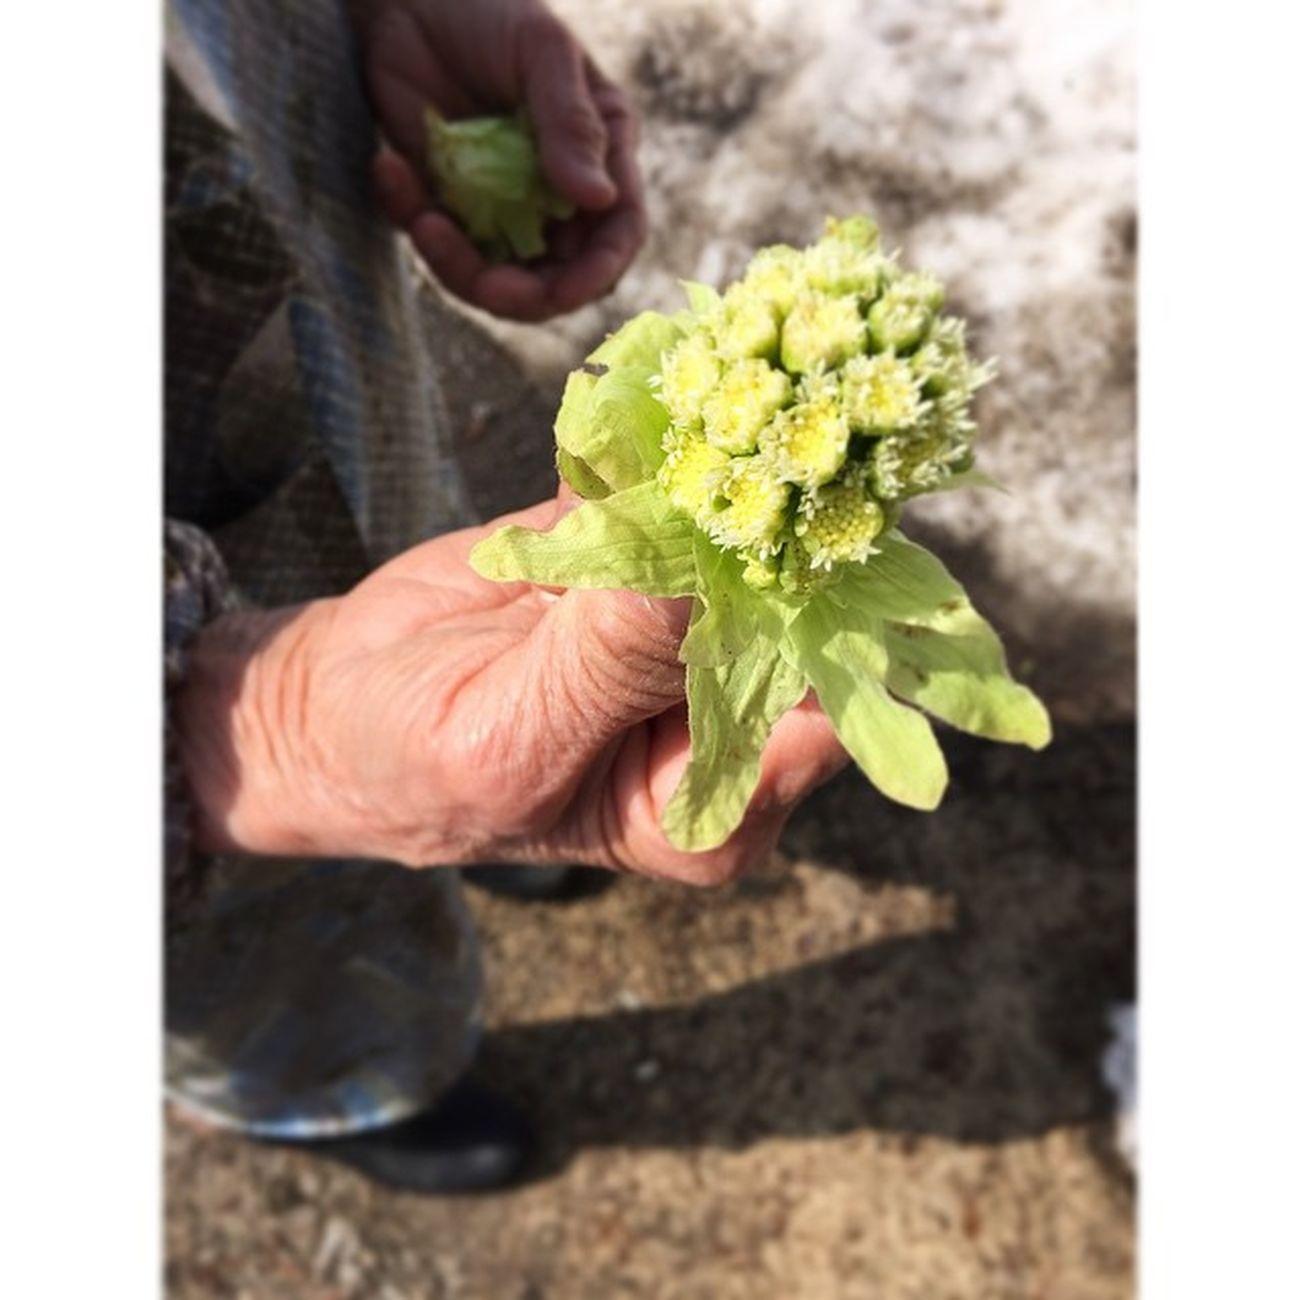 近所のばあさんが、ふきのとうを摘んでた。小谷村も春です。美しい手だ。 白馬 小谷 栂池高原